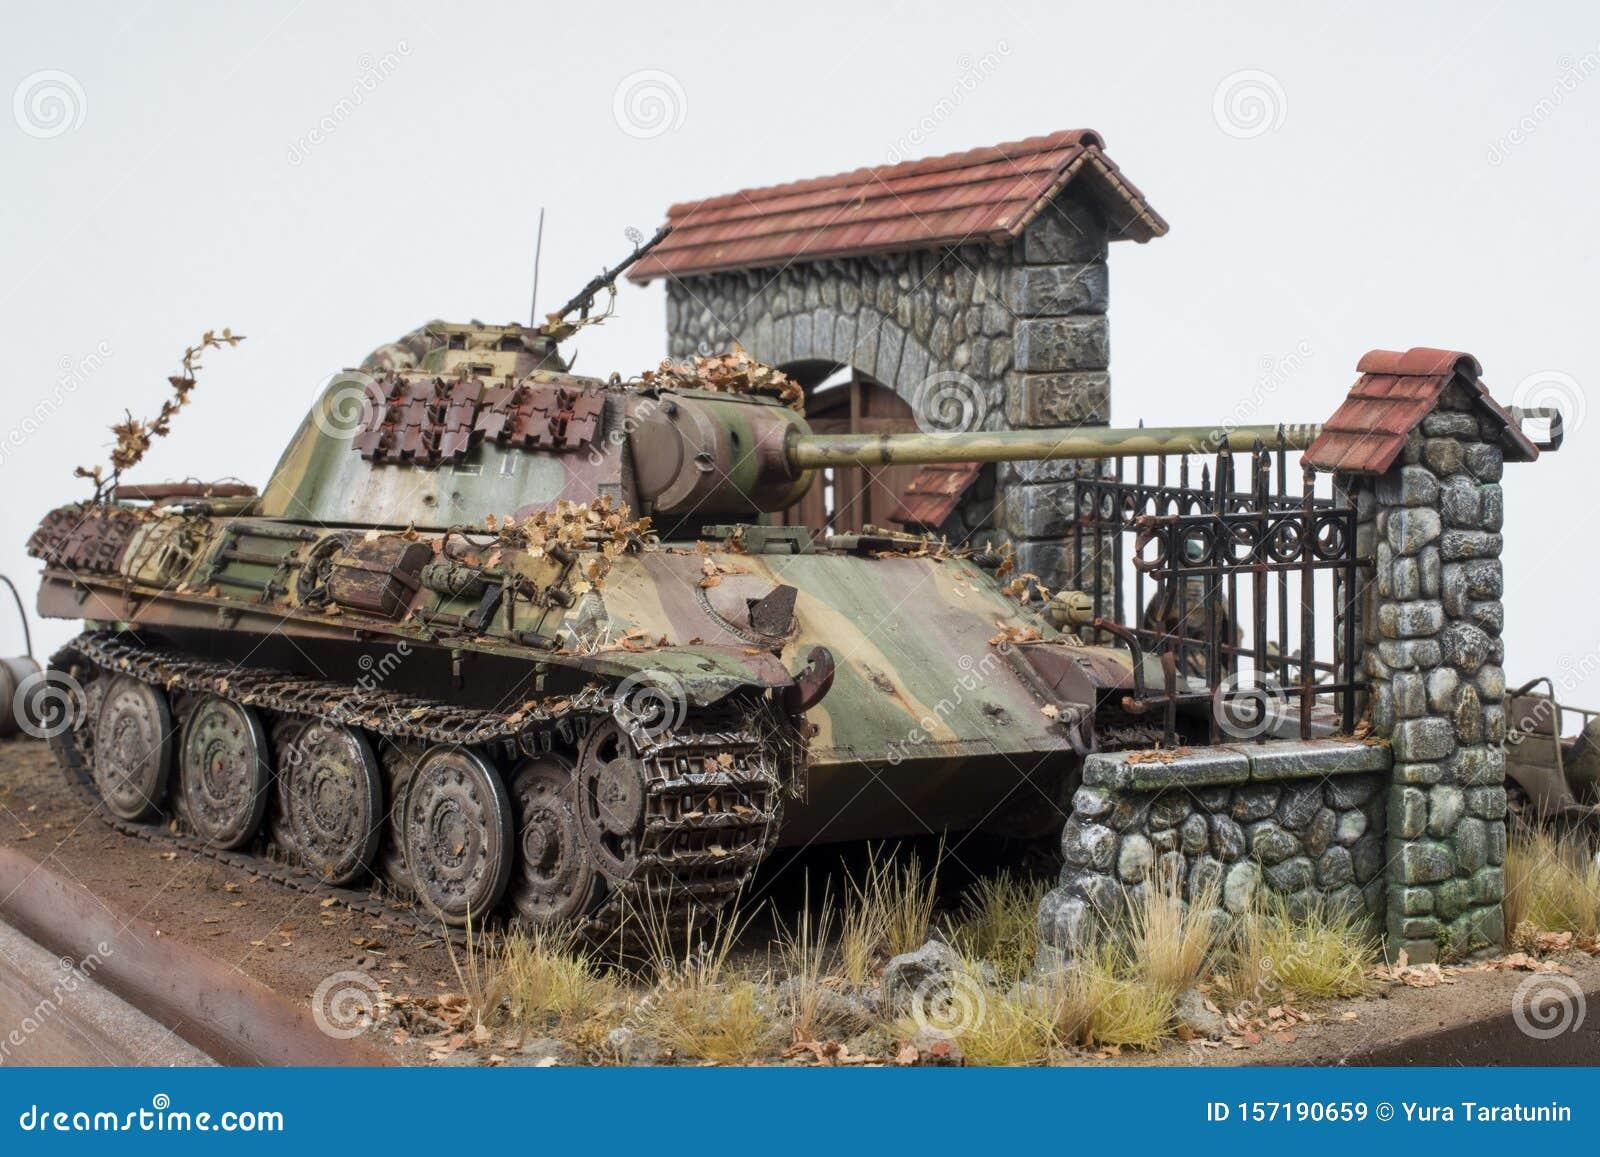 WW2 German Tank Panzer TIV  Picture